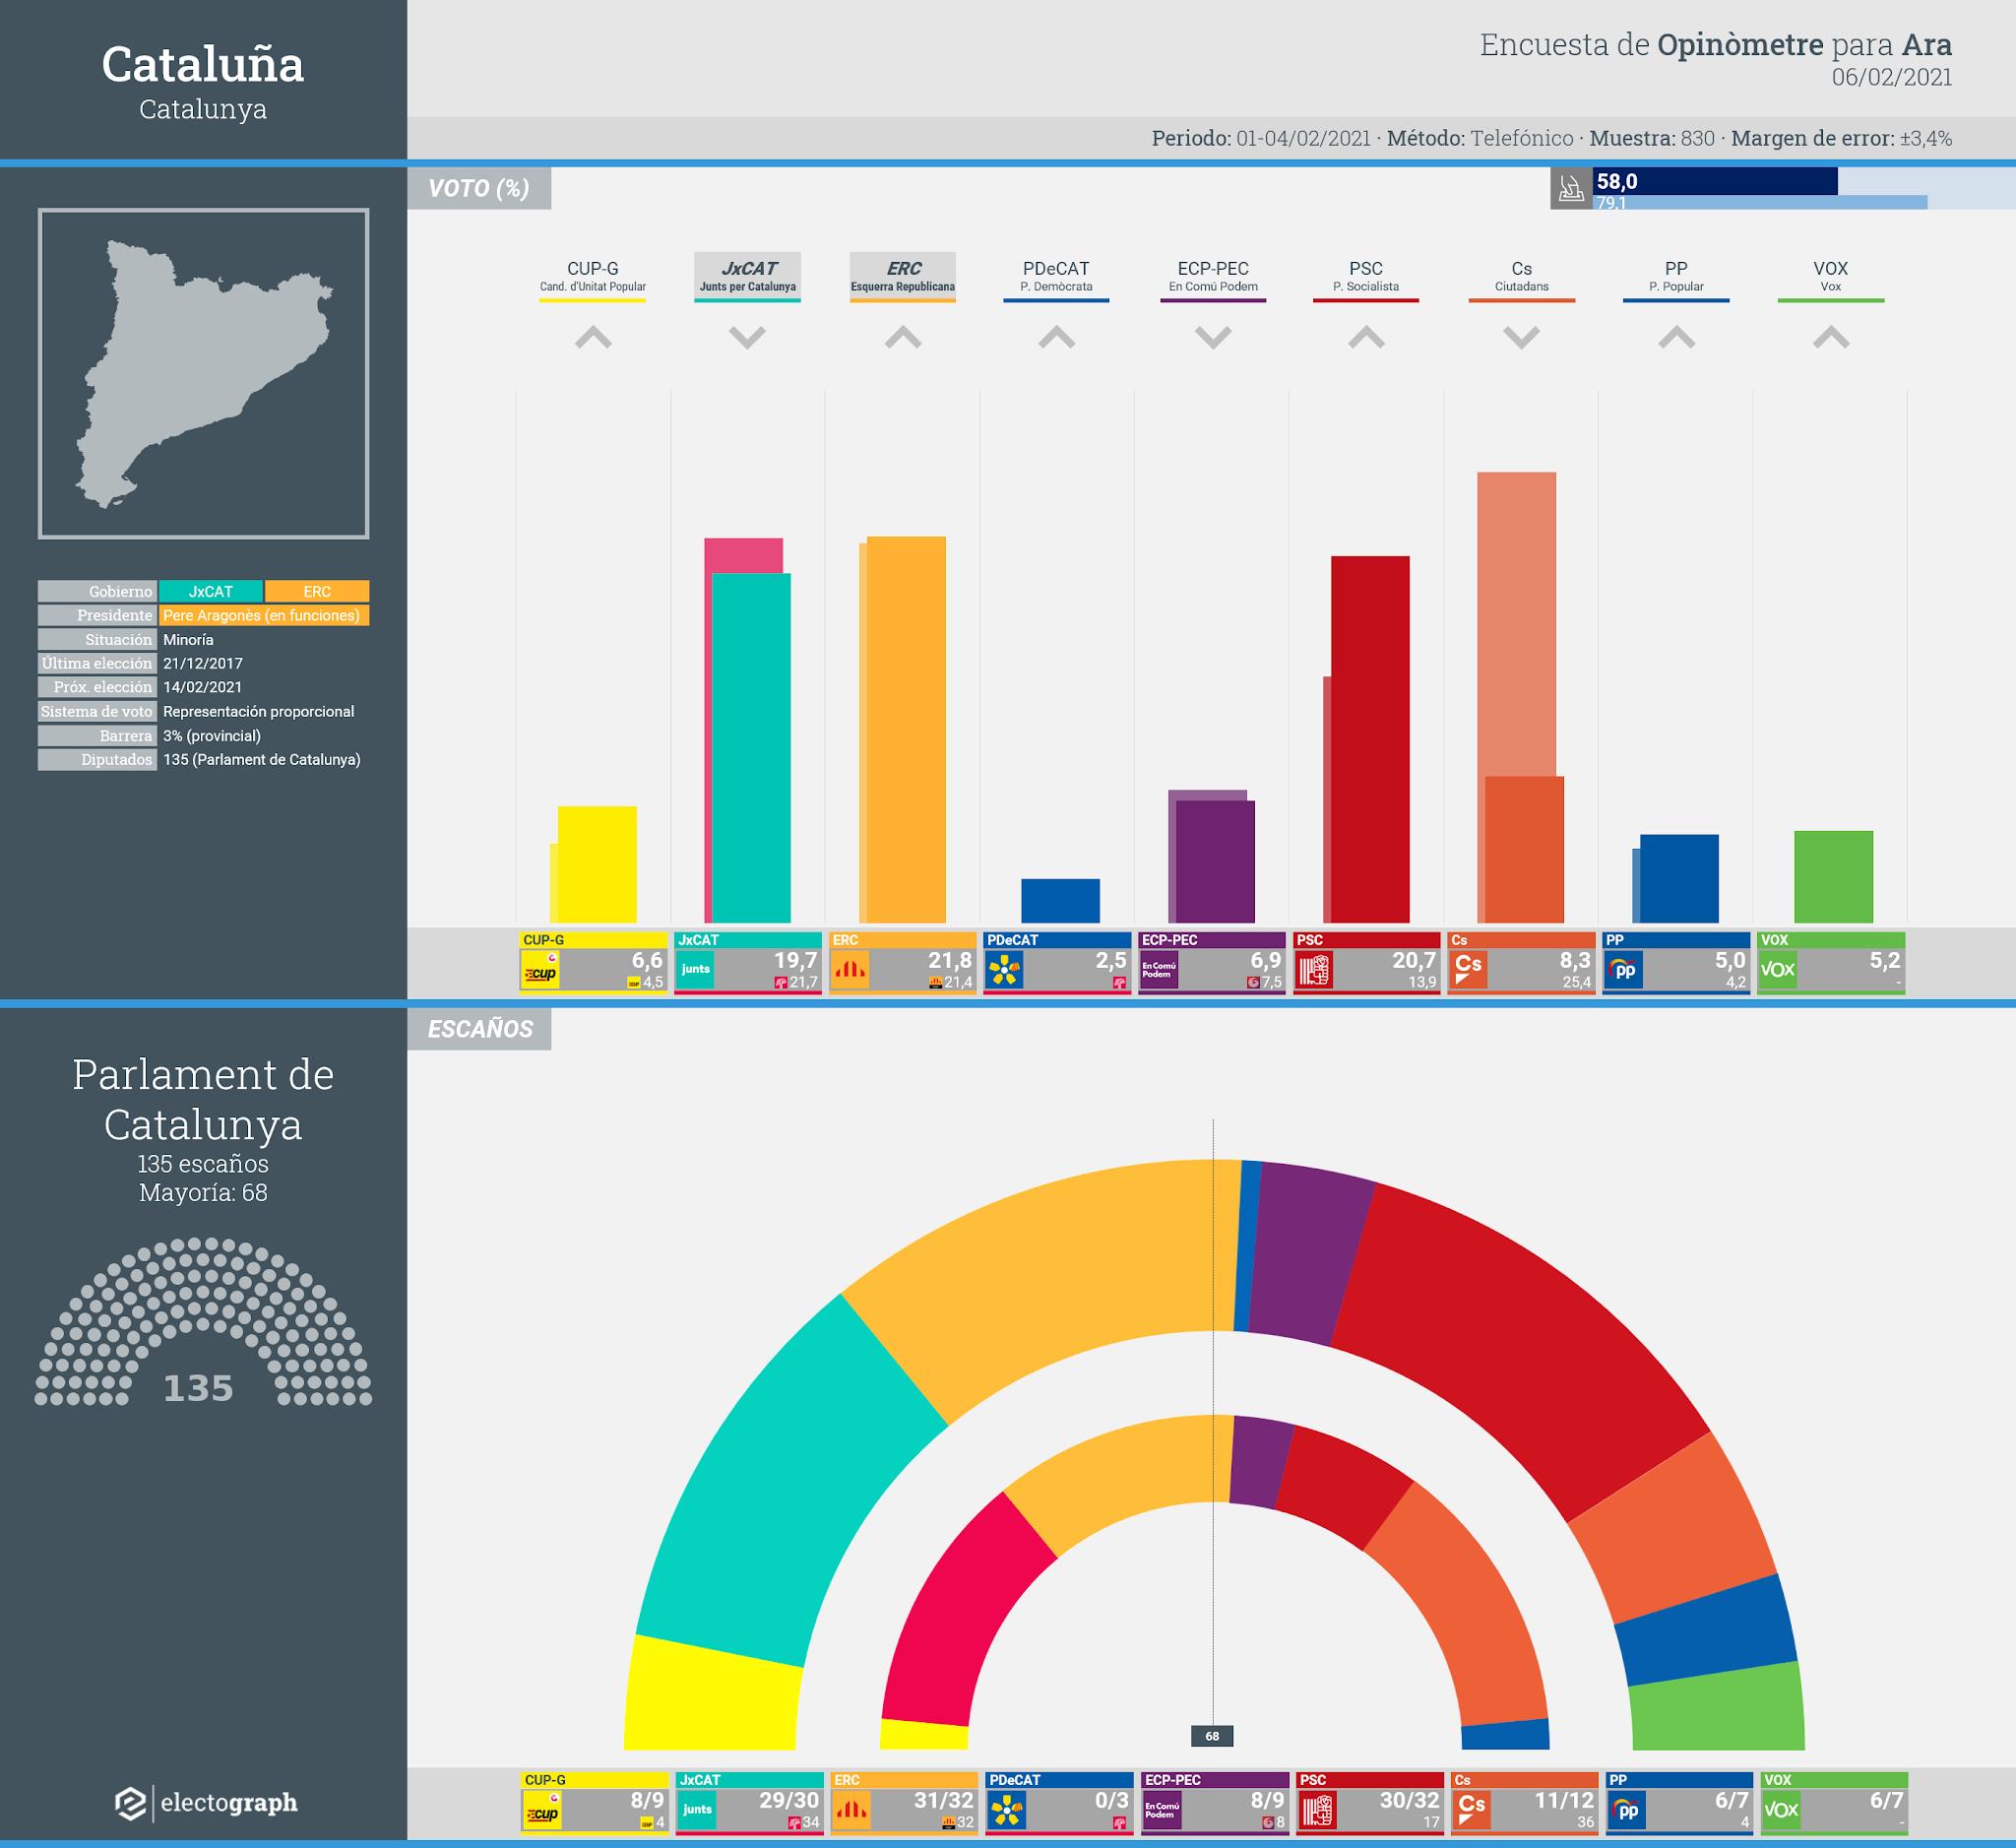 Gráfico de la encuesta para elecciones autonómicas en Cataluña realizada por Opinòmetre para Ara, 6 de febrero de 2021